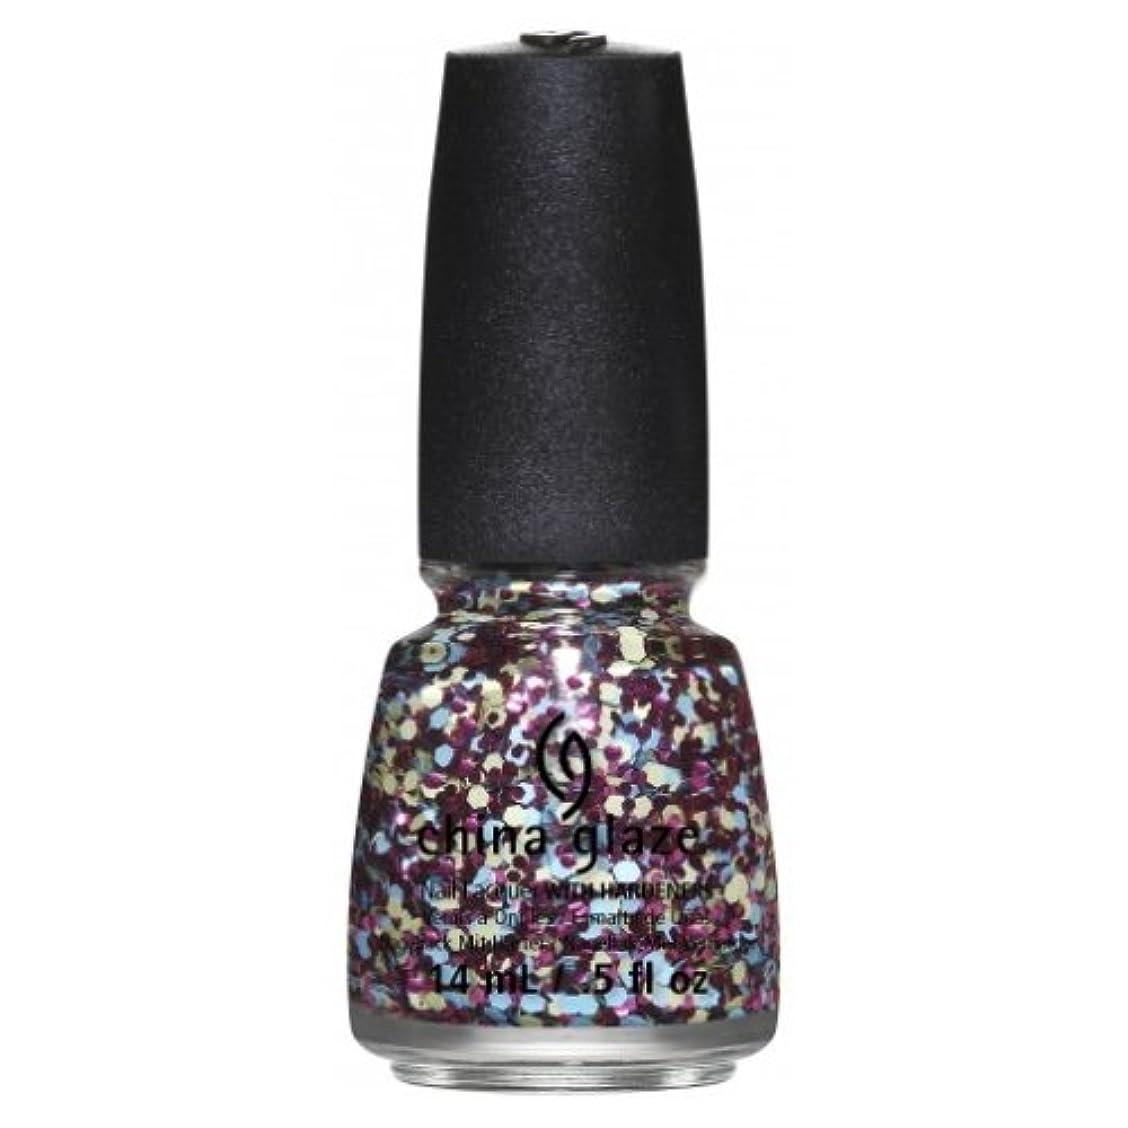 ビル民族主義取り扱い(6 Pack) CHINA GLAZE Nail Lacquer - Suprise Collection - I'm A Go Glitter (並行輸入品)